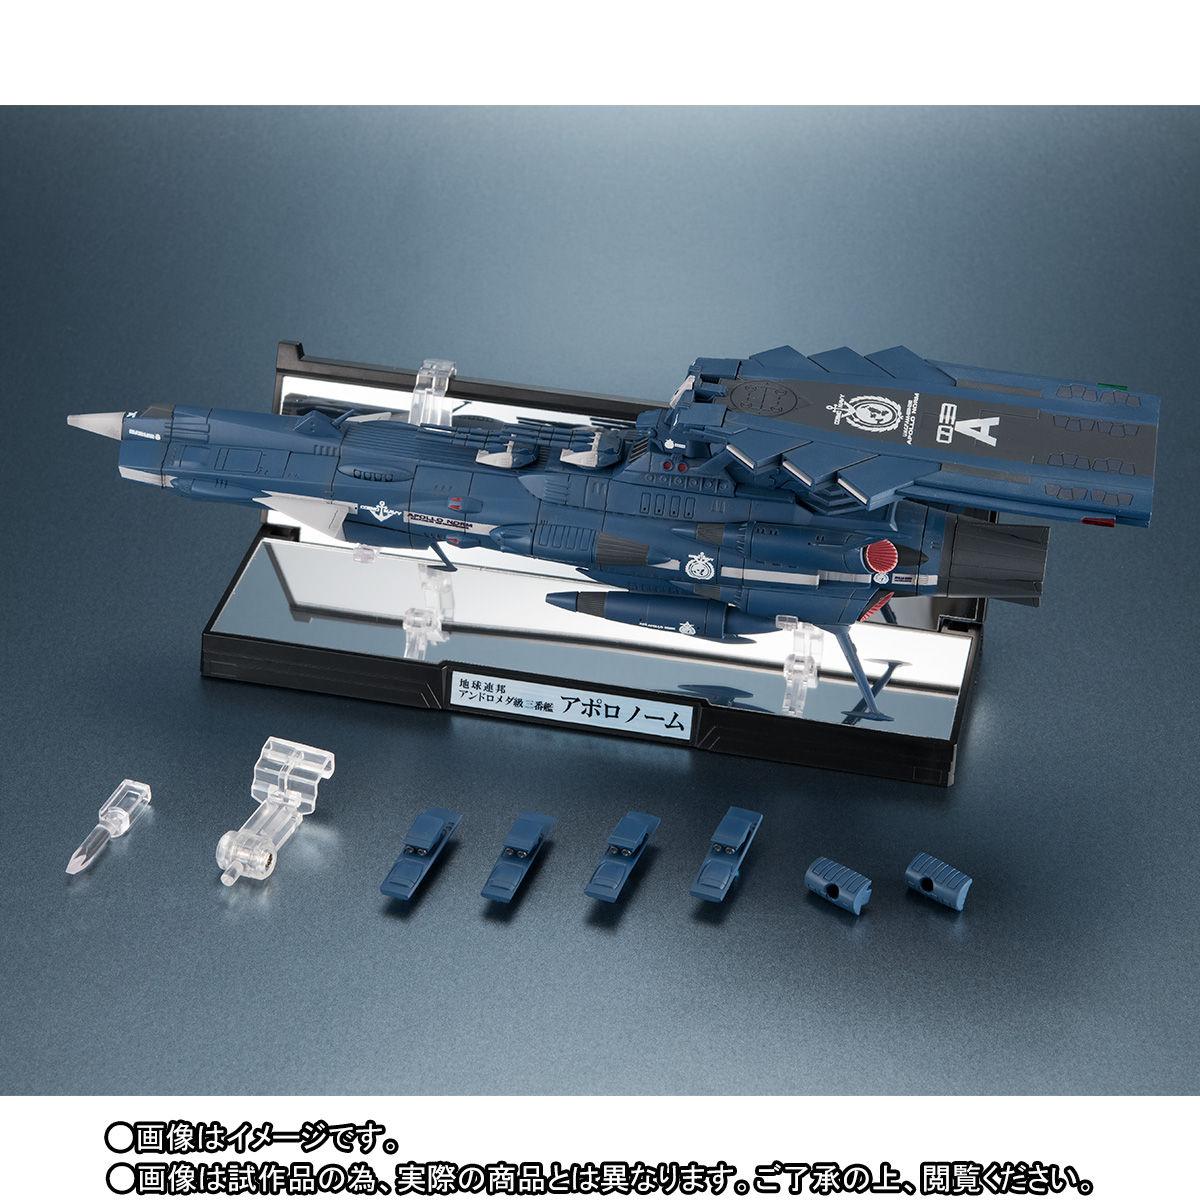 輝艦大全『地球連邦アンドロメダ級三番艦 アポロノーム 宇宙戦艦ヤマト2202』1/2000 完成品モデル-007